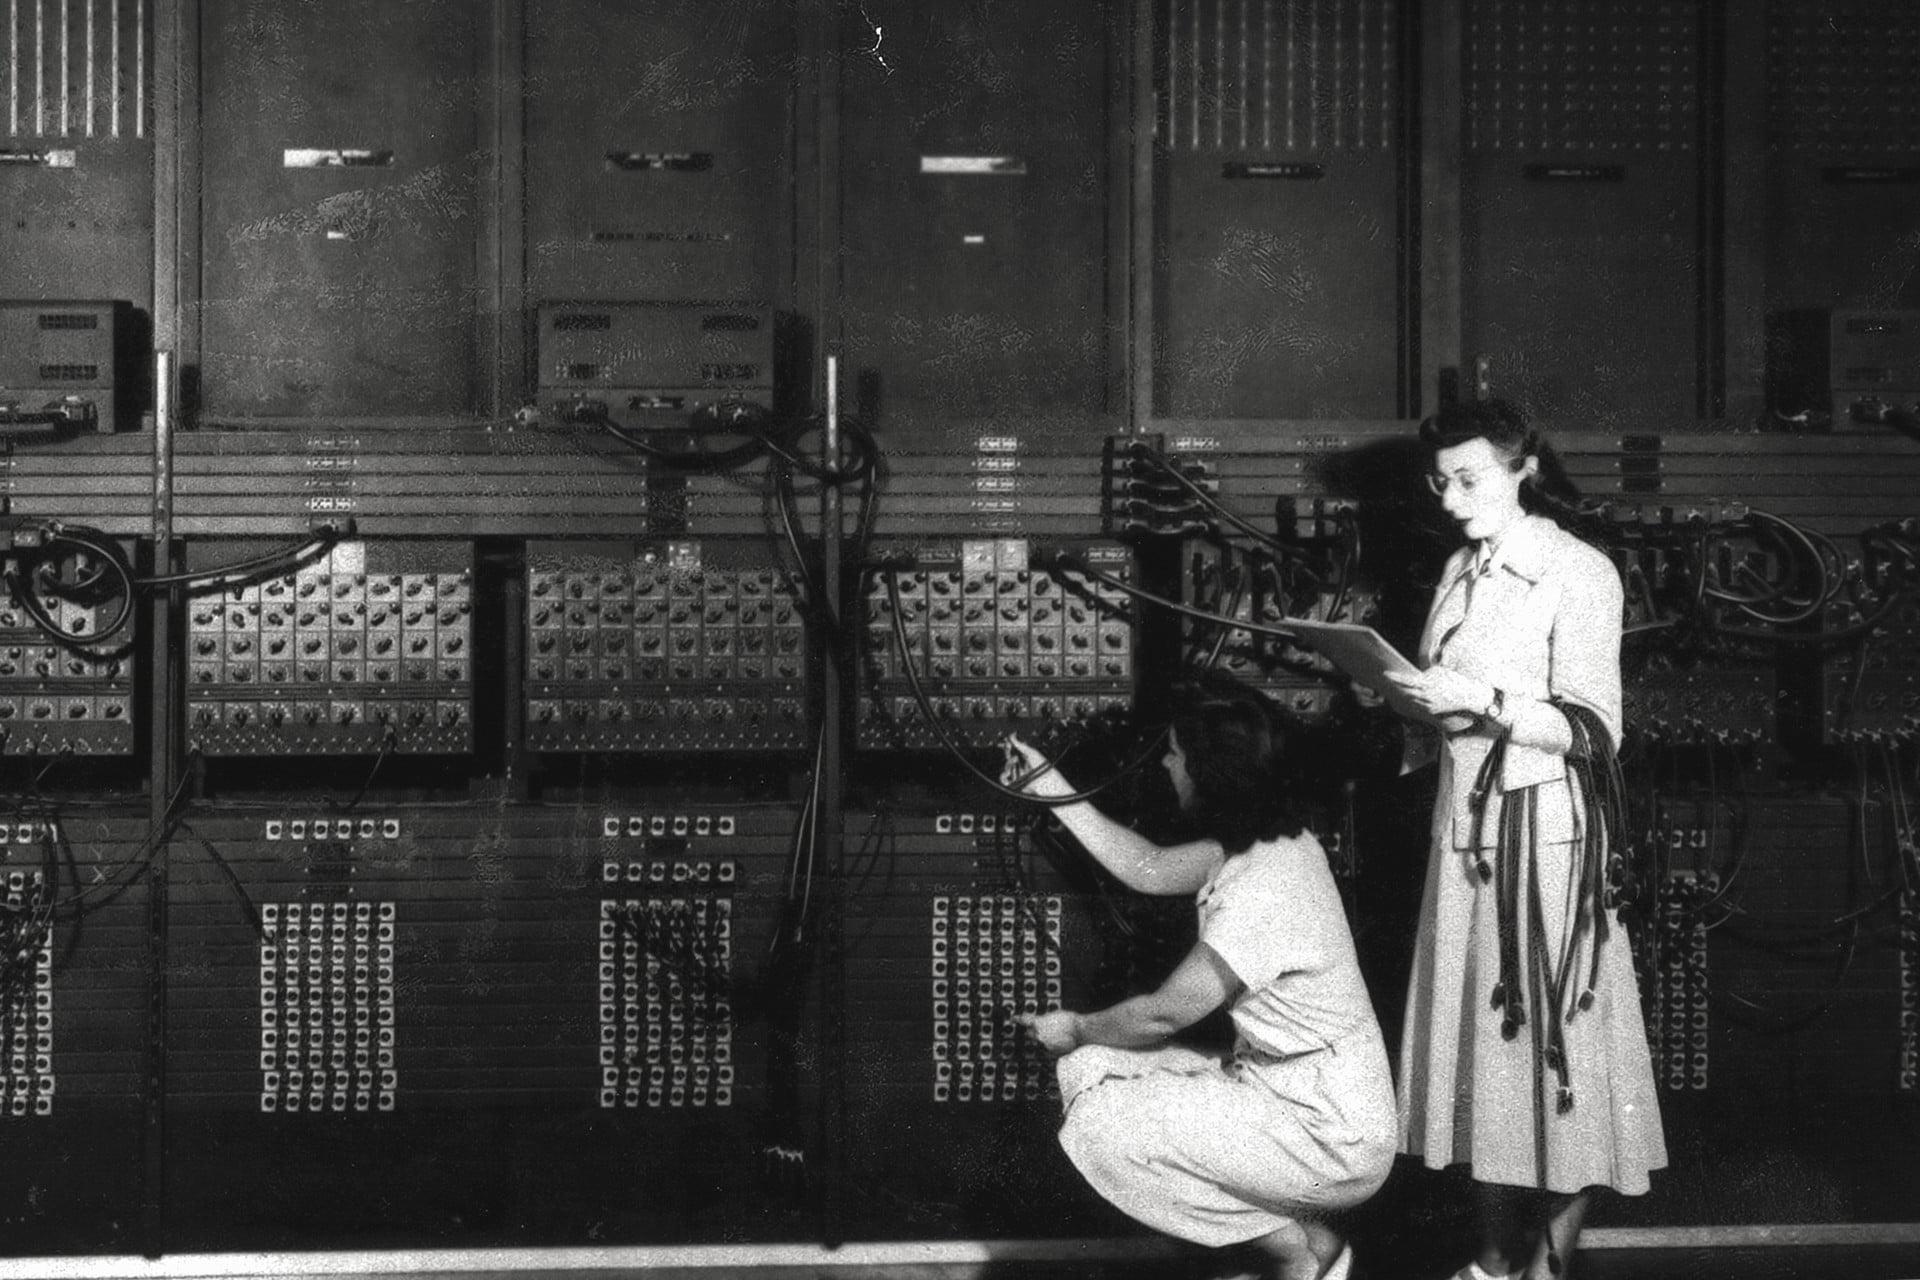 Den Röhrencomputer ENIAC zu programmieren, bedeutete, ihn fortlaufend neu zu verkabeln